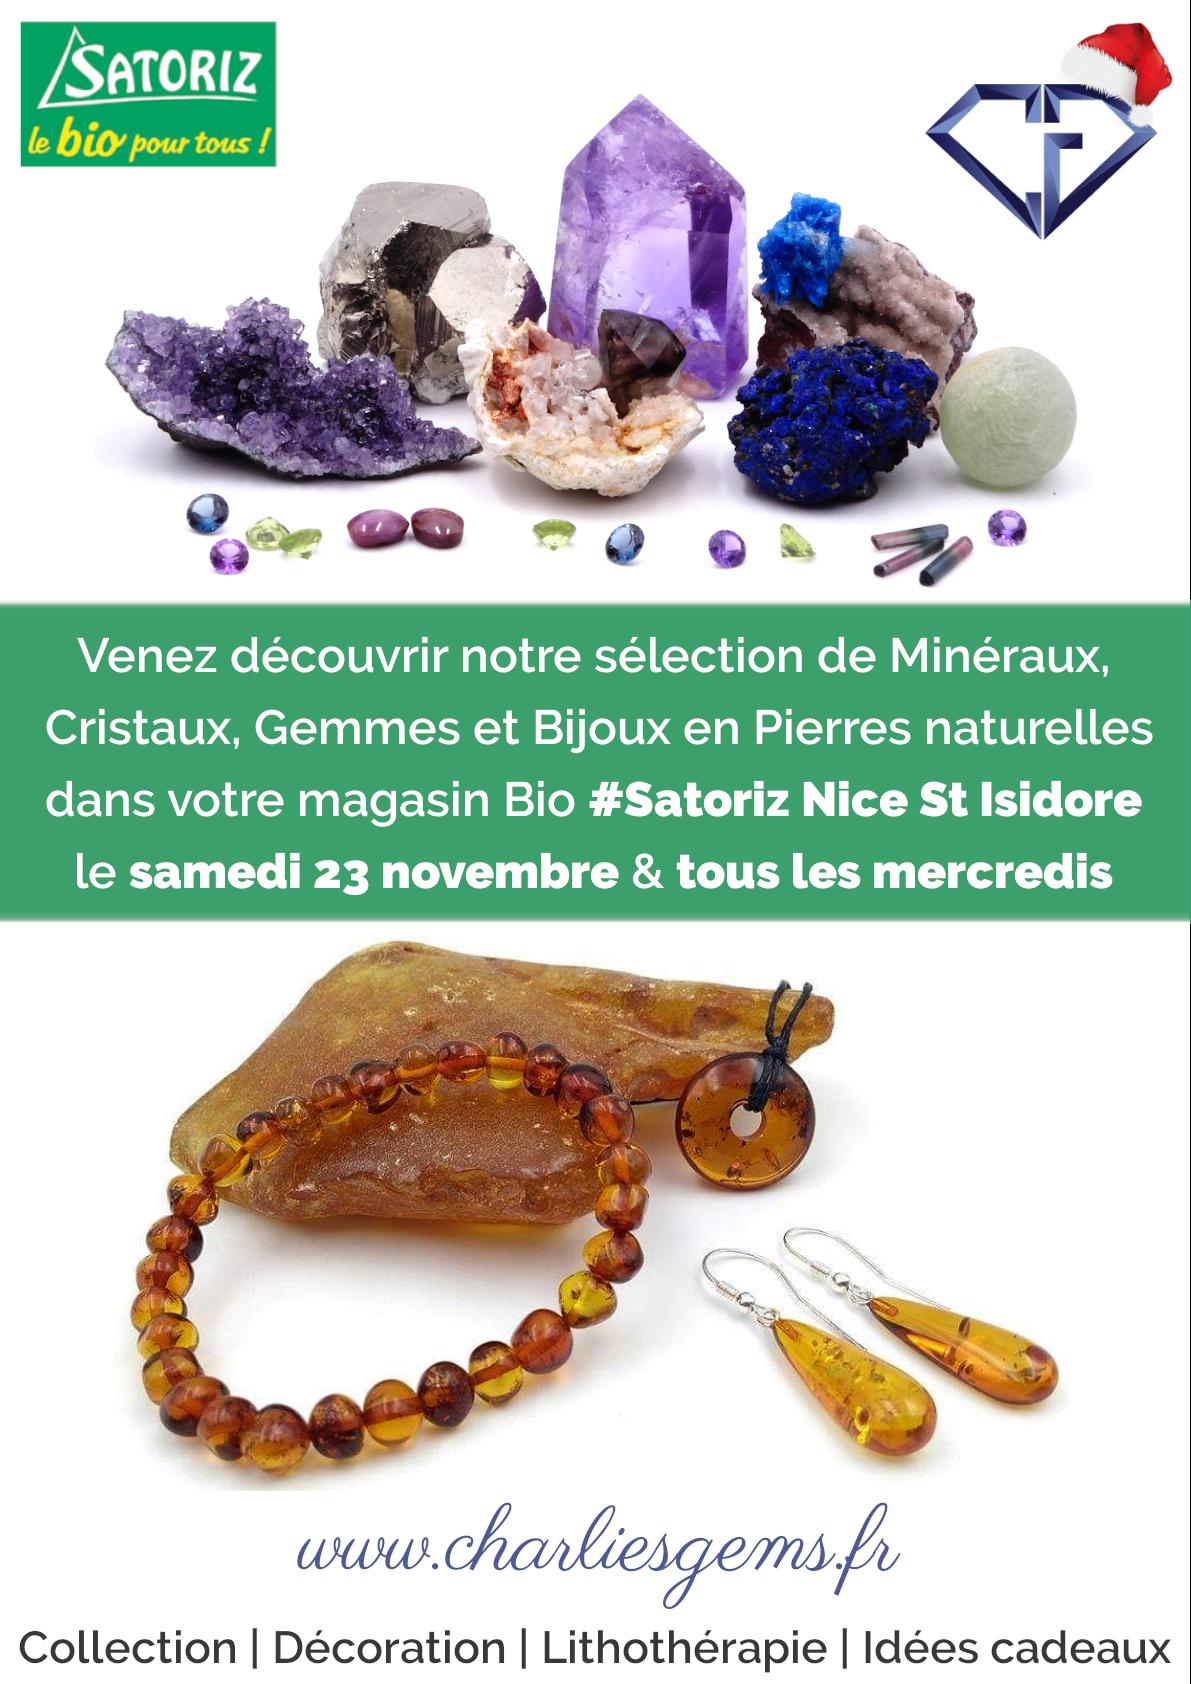 Retrouvez le stand de Charlie's Gems tous les mercredis à Satoriz Nice St Isidore